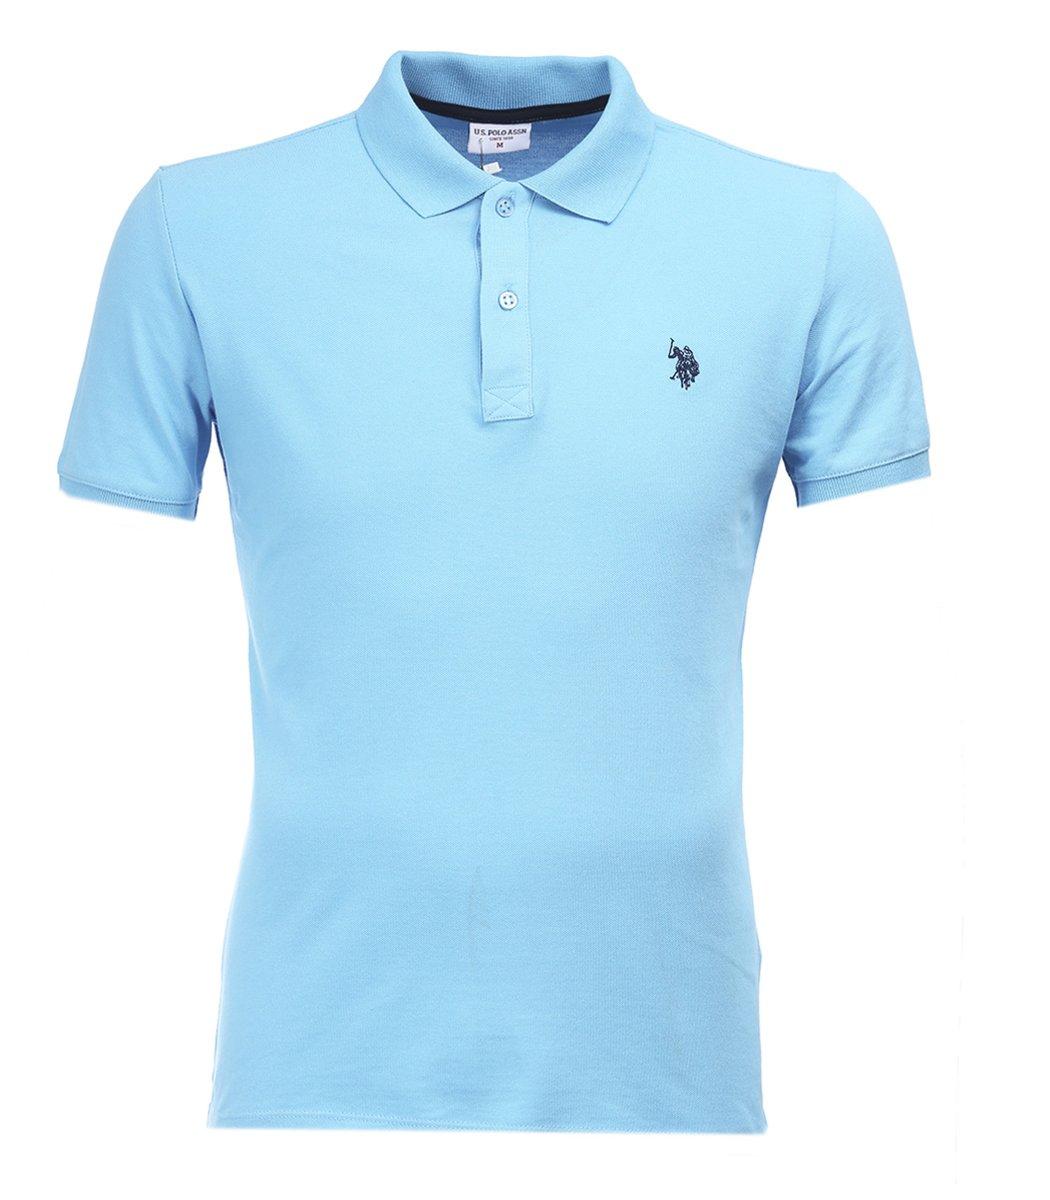 Светло-голубая футболка поло U.S.Polo ASSN U1 - Светло-голубой - Вид 1